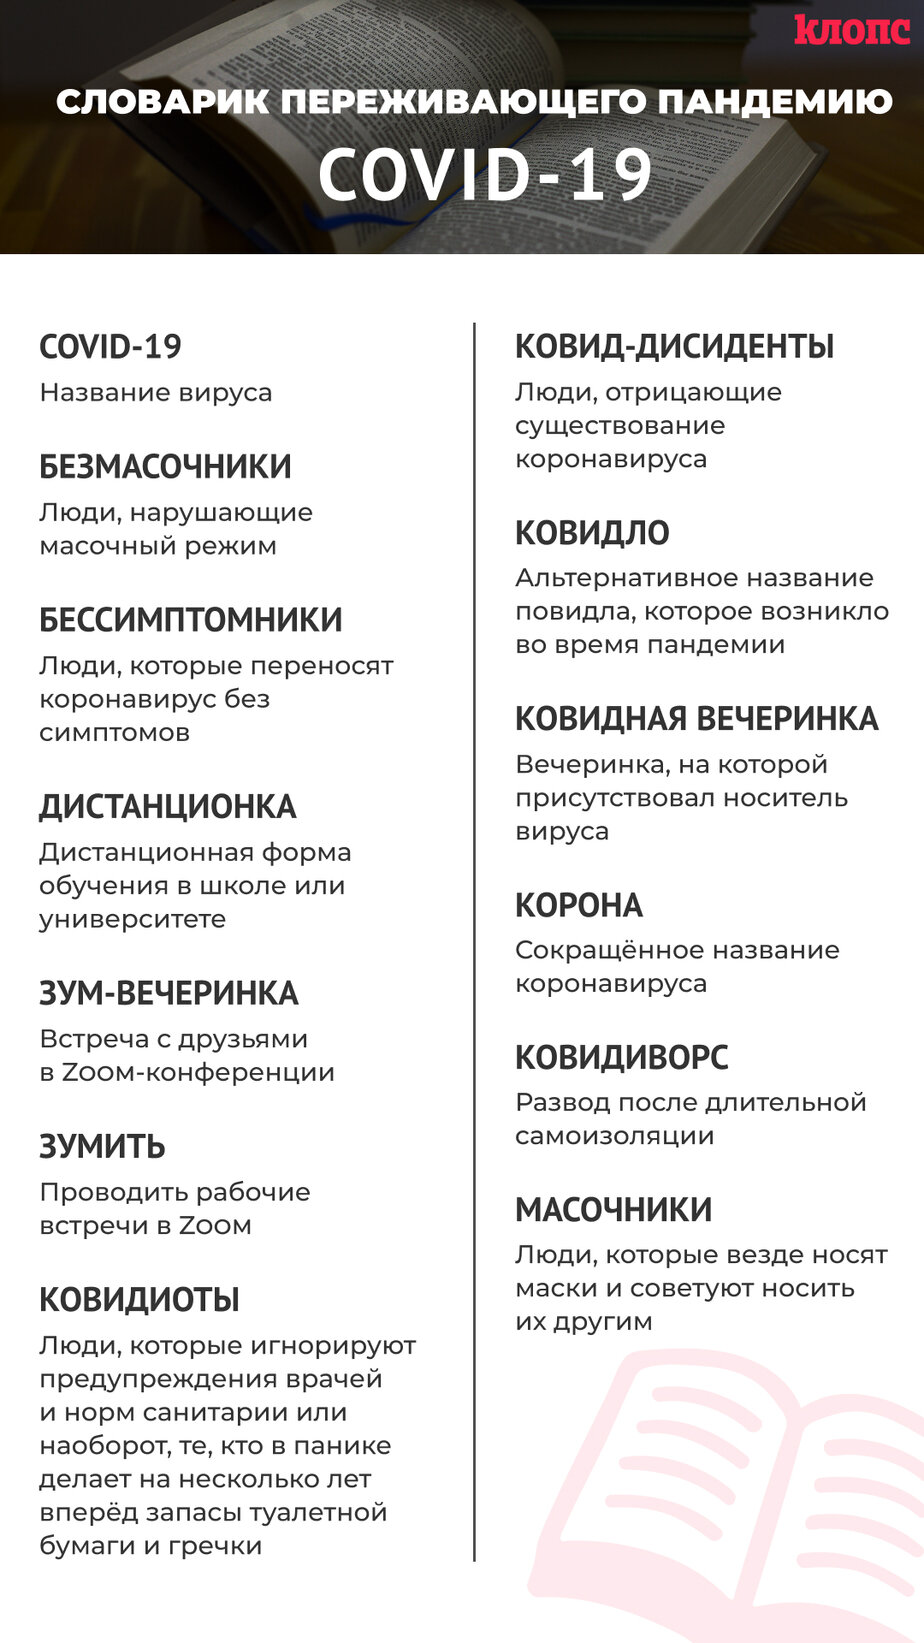 """""""Словом года станет понятие, связанное с пандемией"""": эксперт — о влиянии COVID-19 на язык - Новости Калининграда"""